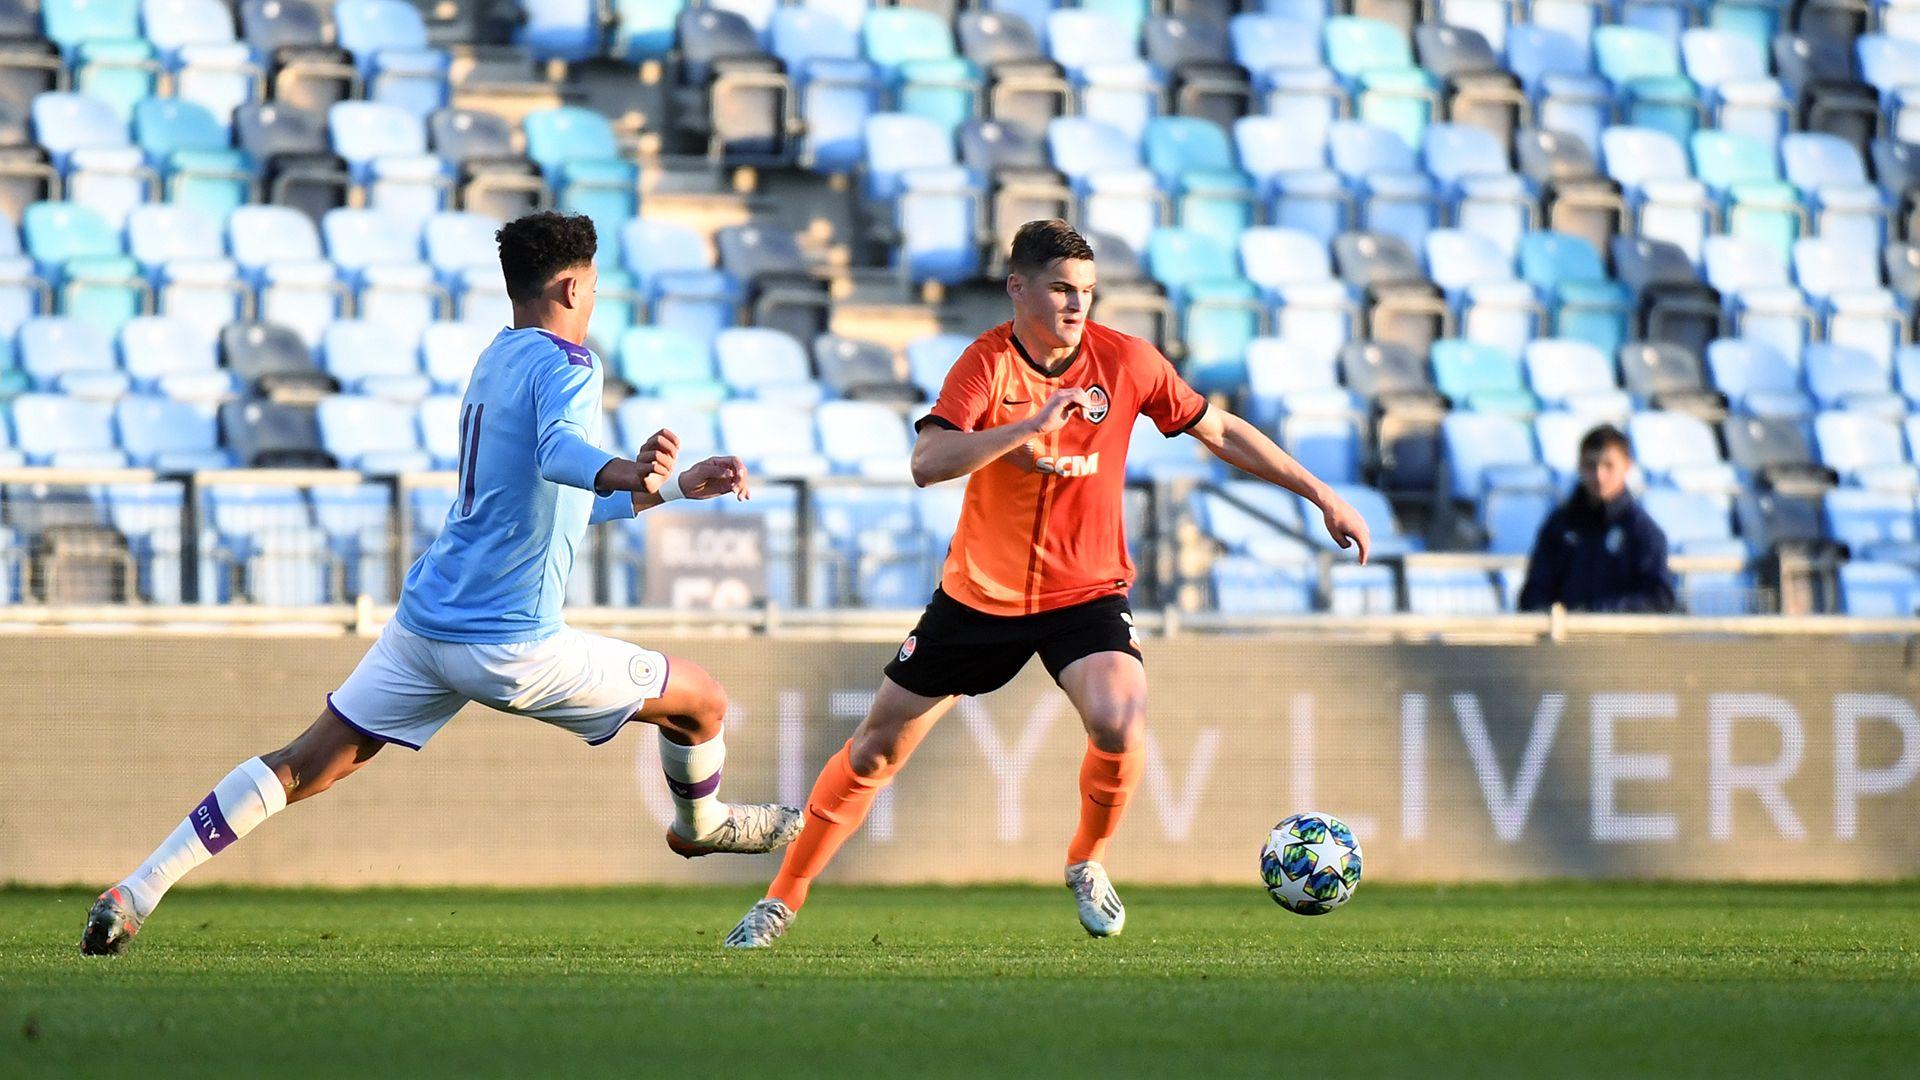 Повне фіаско Шахтаря U-19  у відеоогляді матчу проти Манчестер Сіті U-19